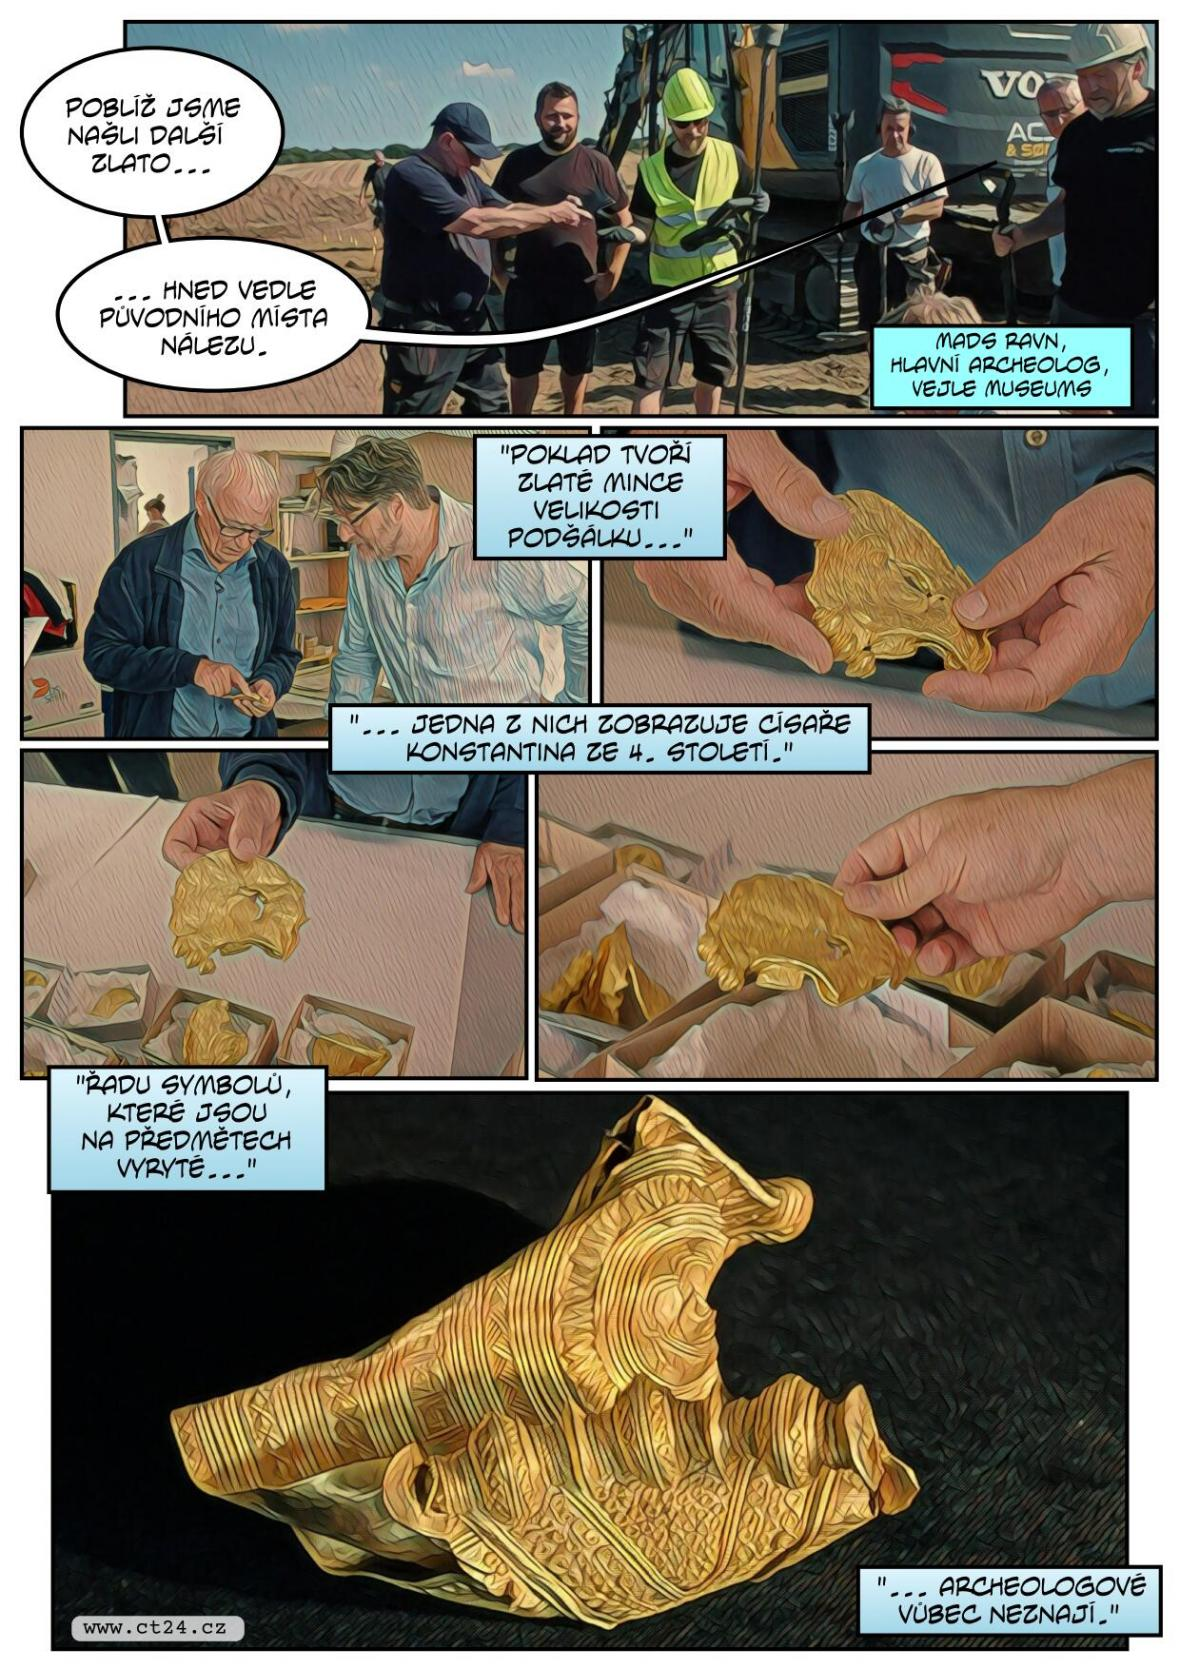 Dán našel téměř patnáct set let starý poklad